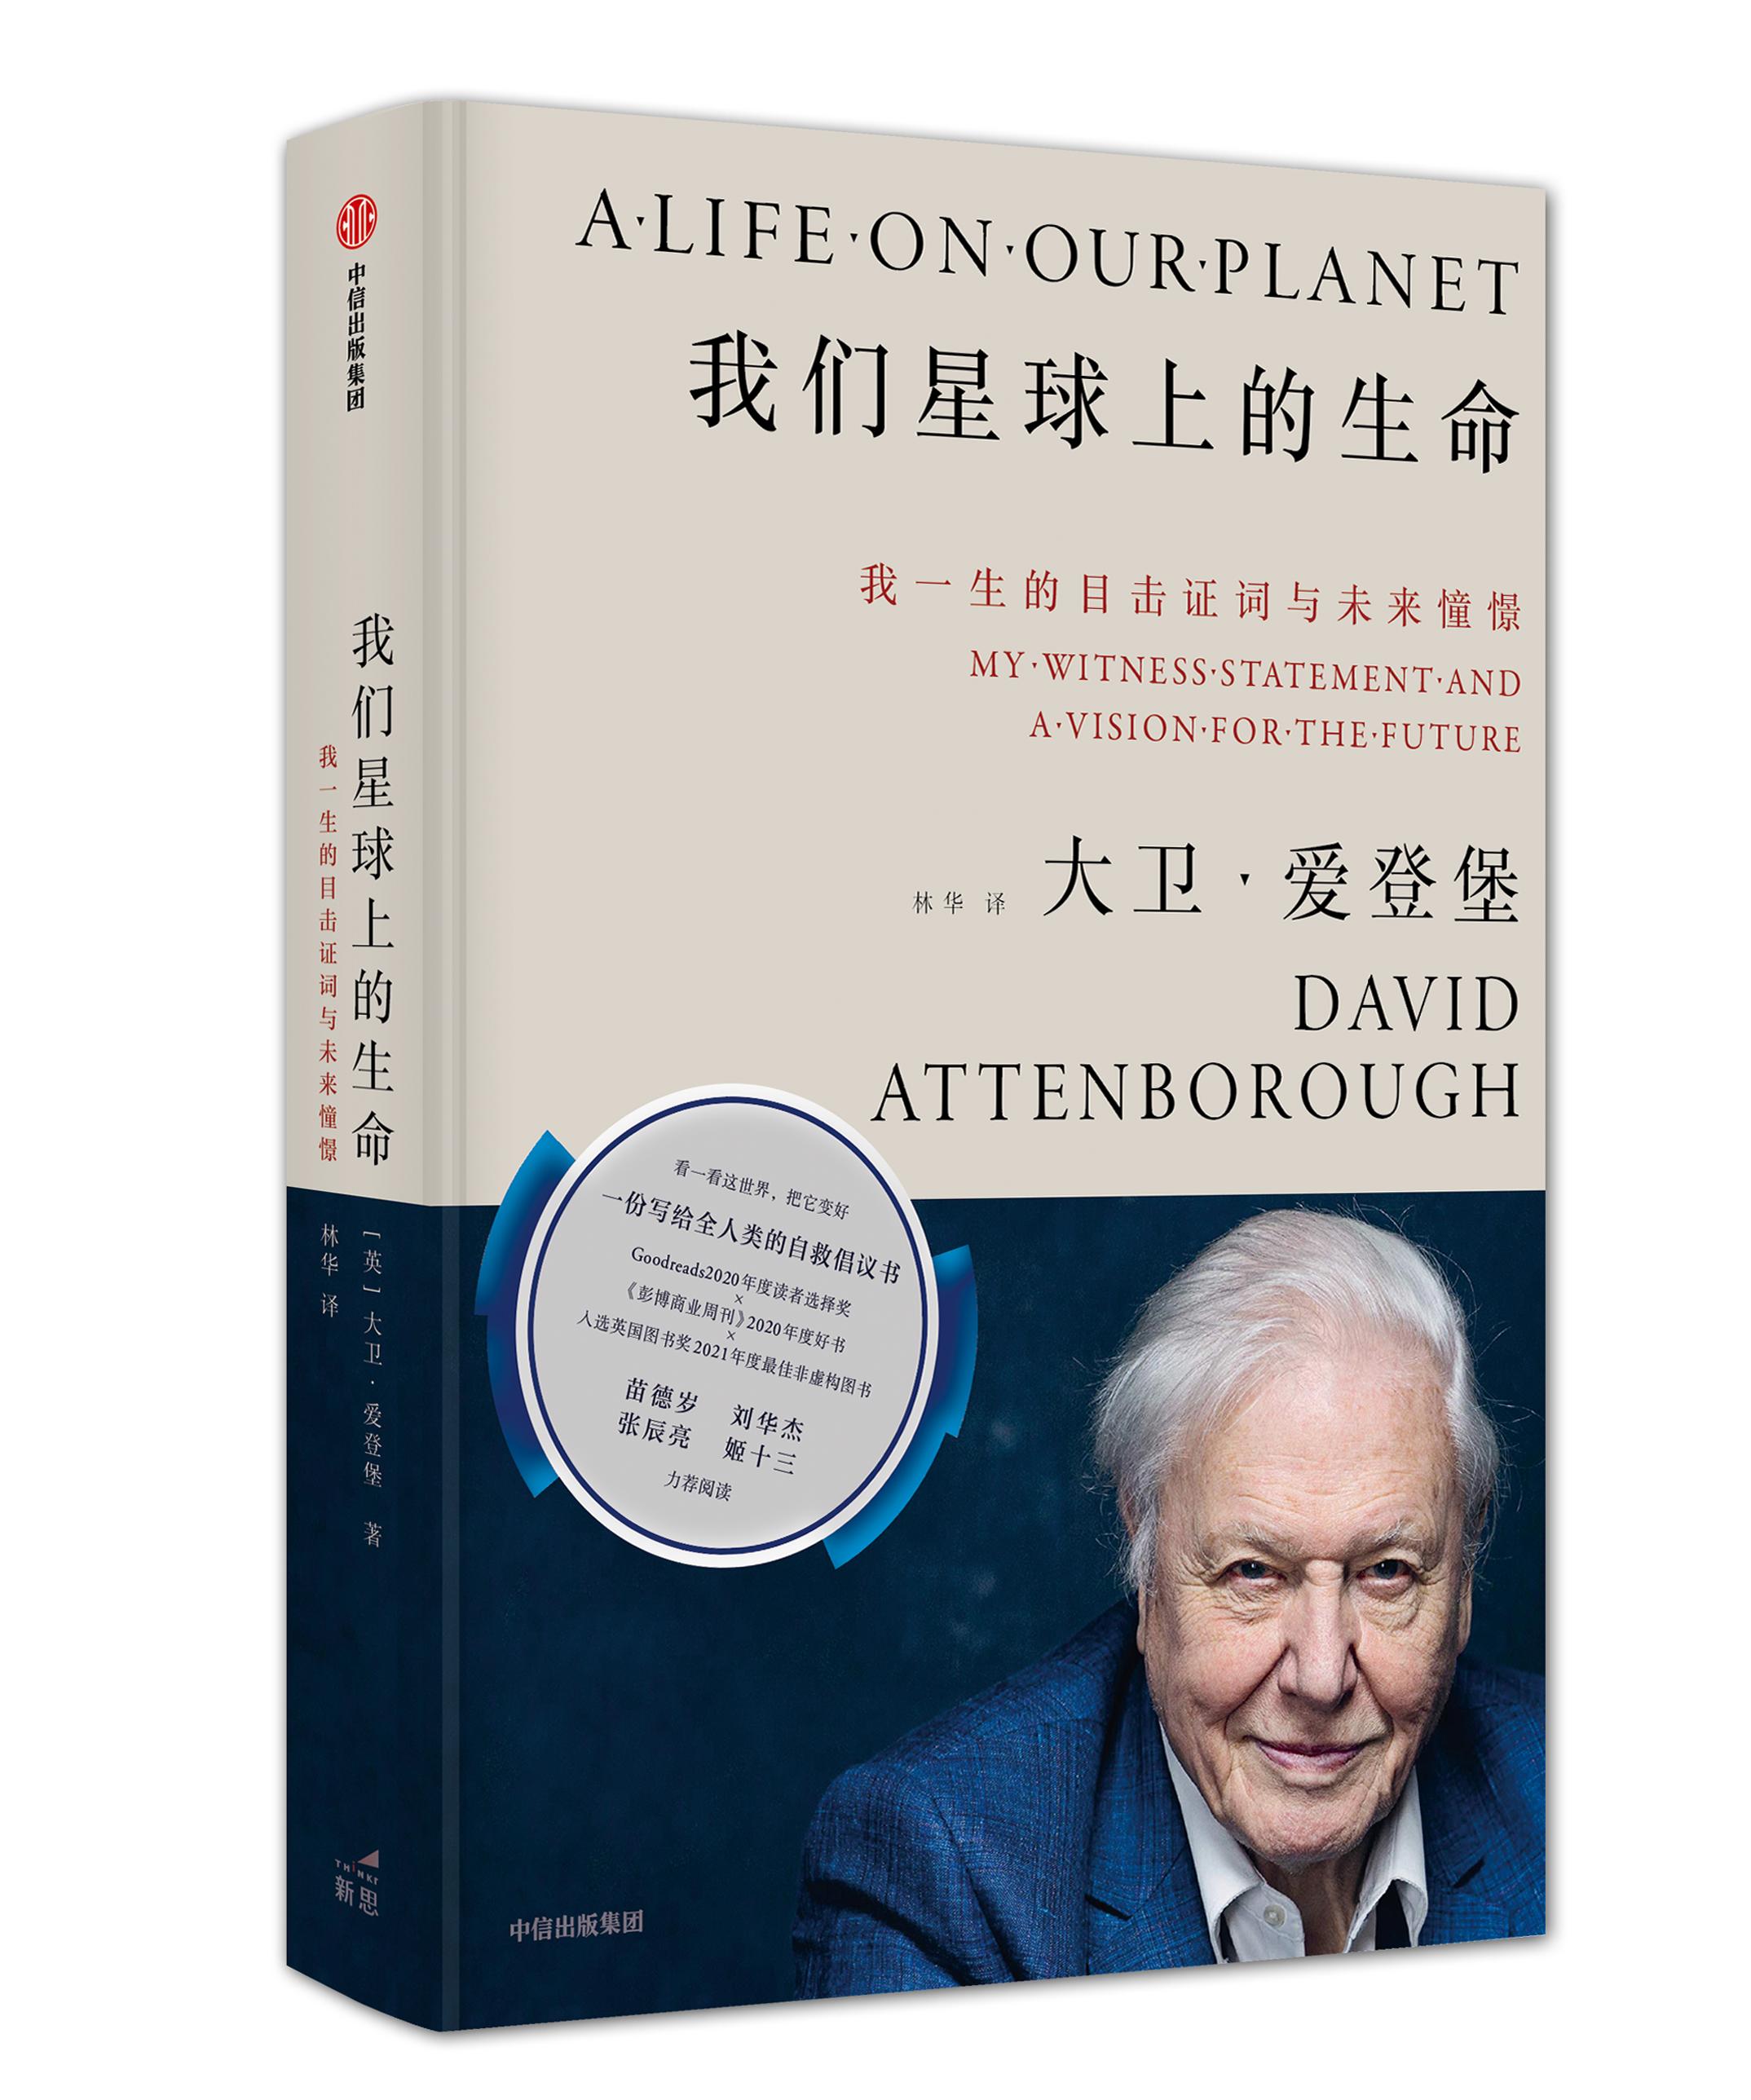 我们星球上的生命 : 我一生的目击证词与未来憧憬